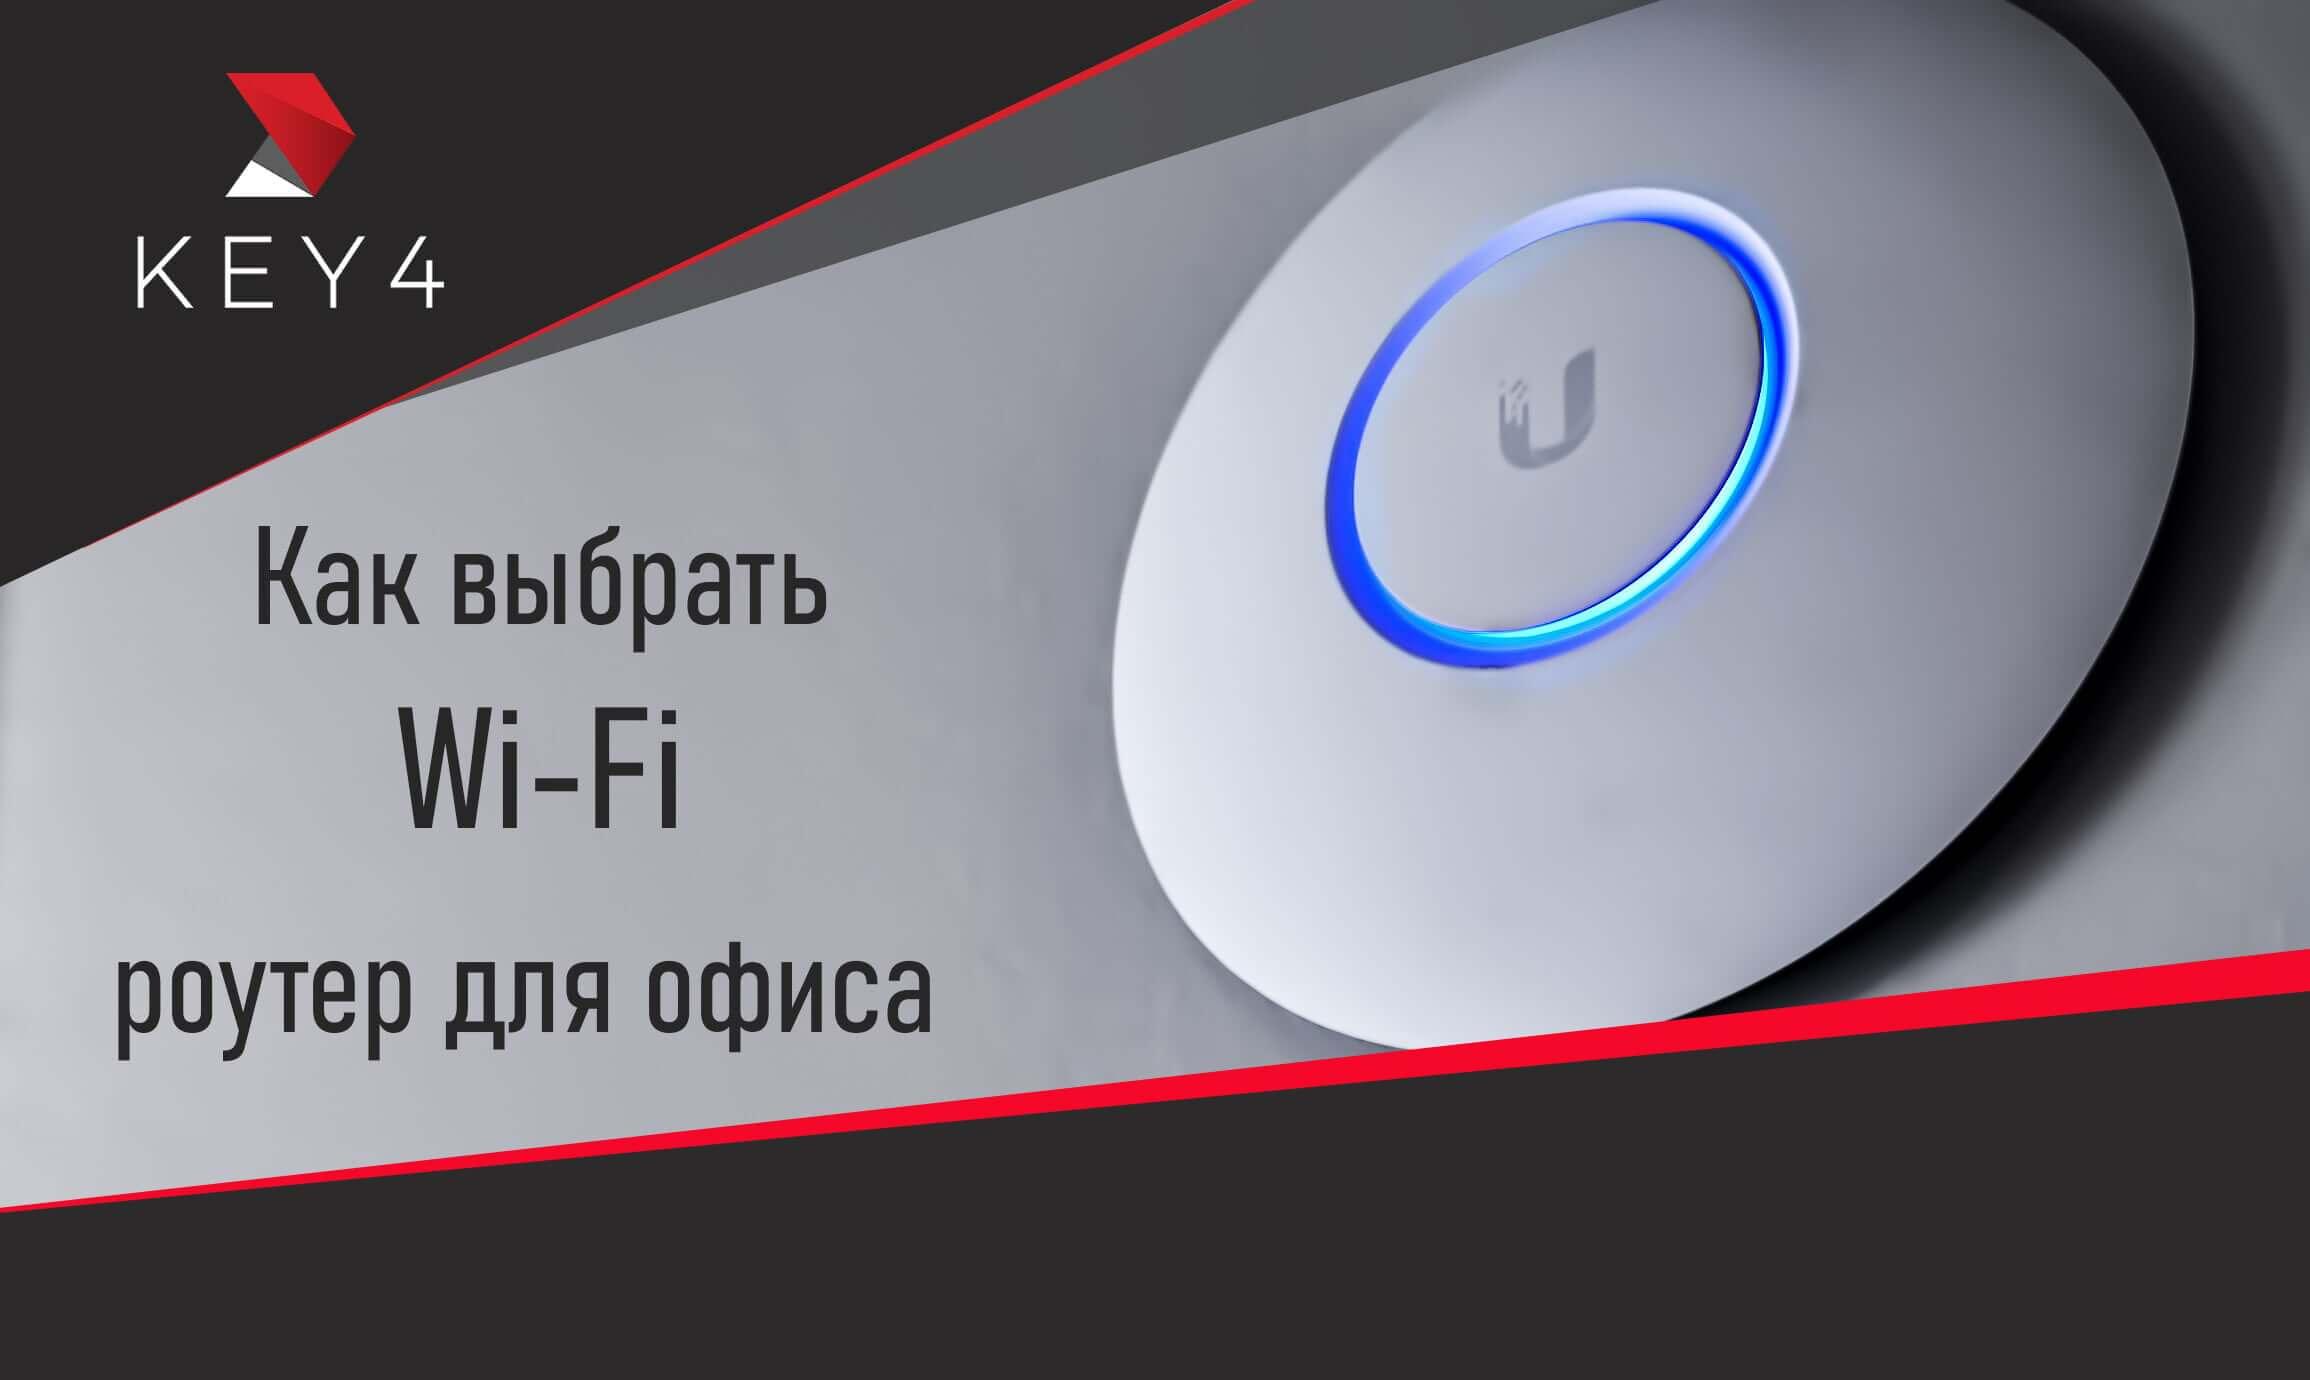 Как выбрать Wi-Fi роутер для офиса